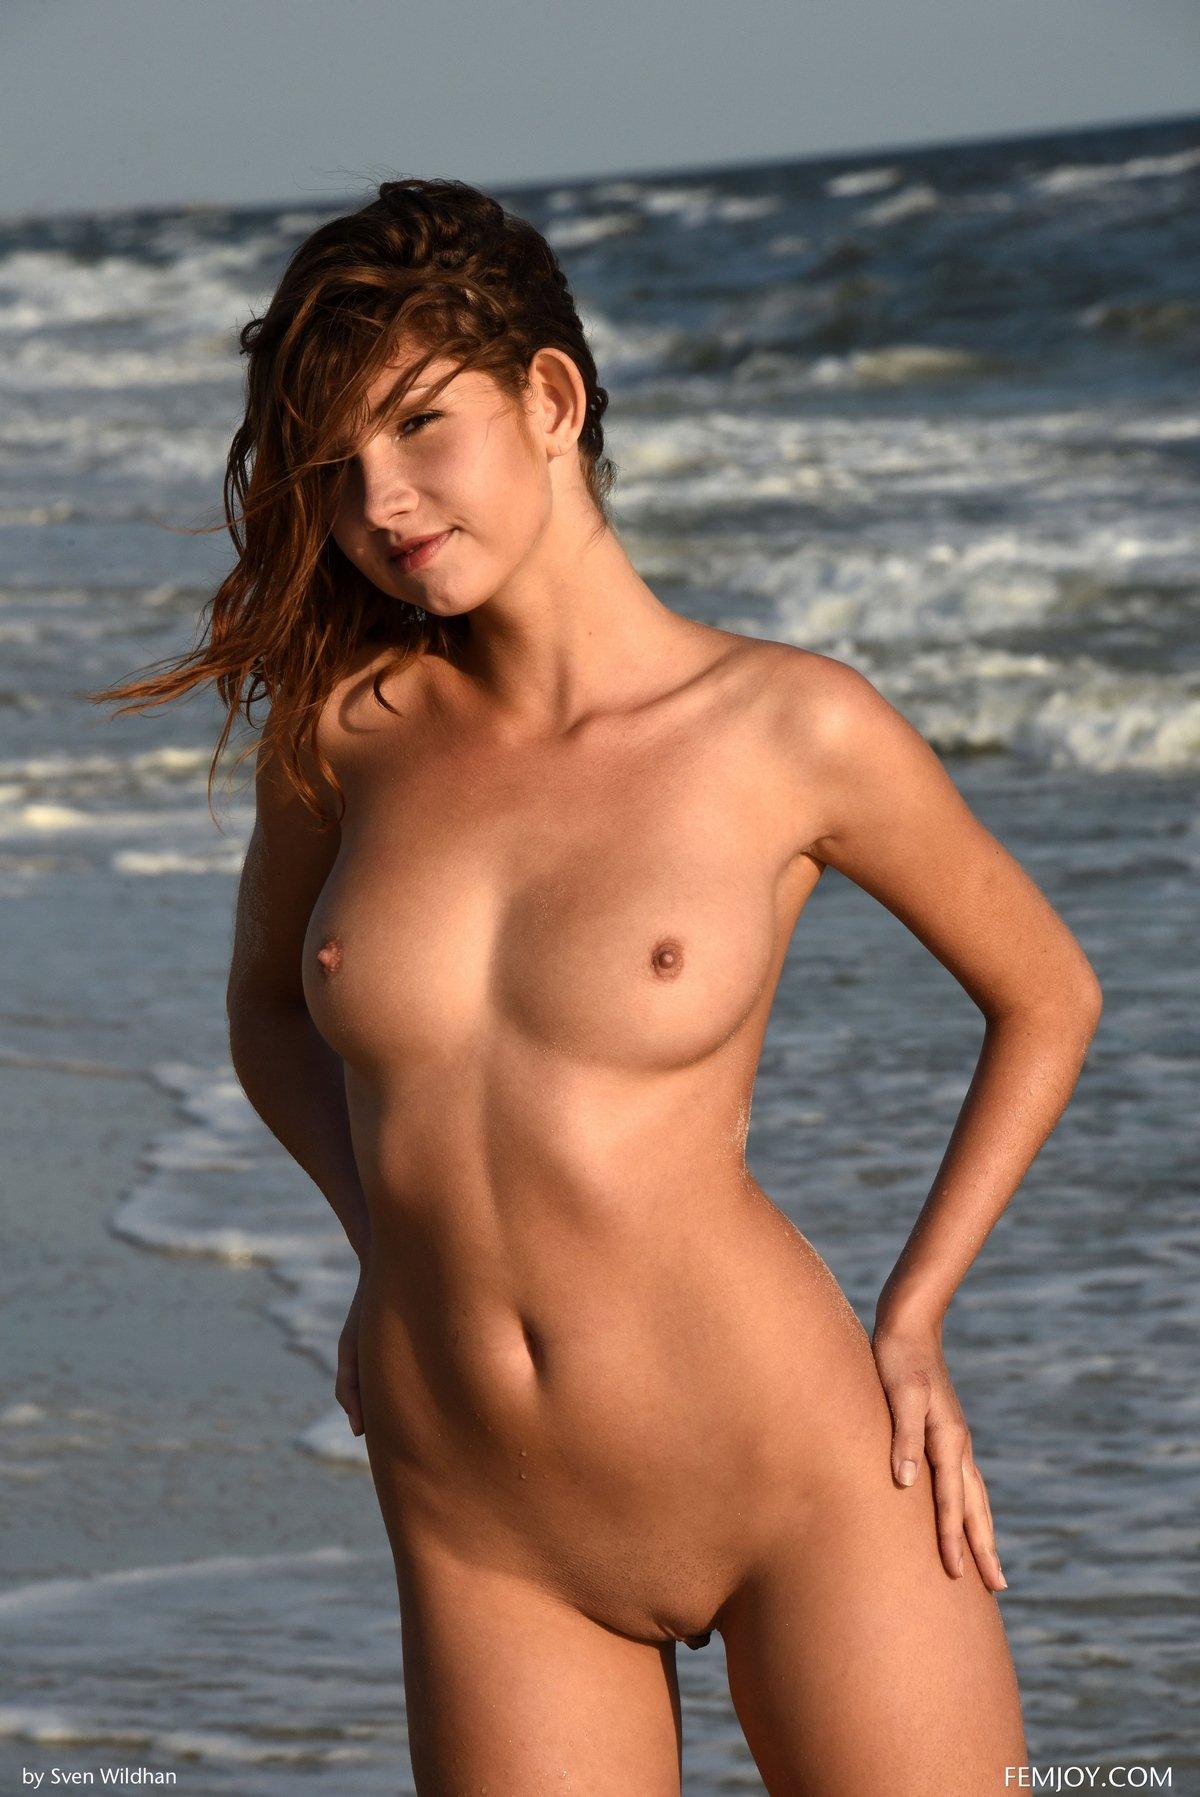 Ню обнаженной рыжей девушки на море